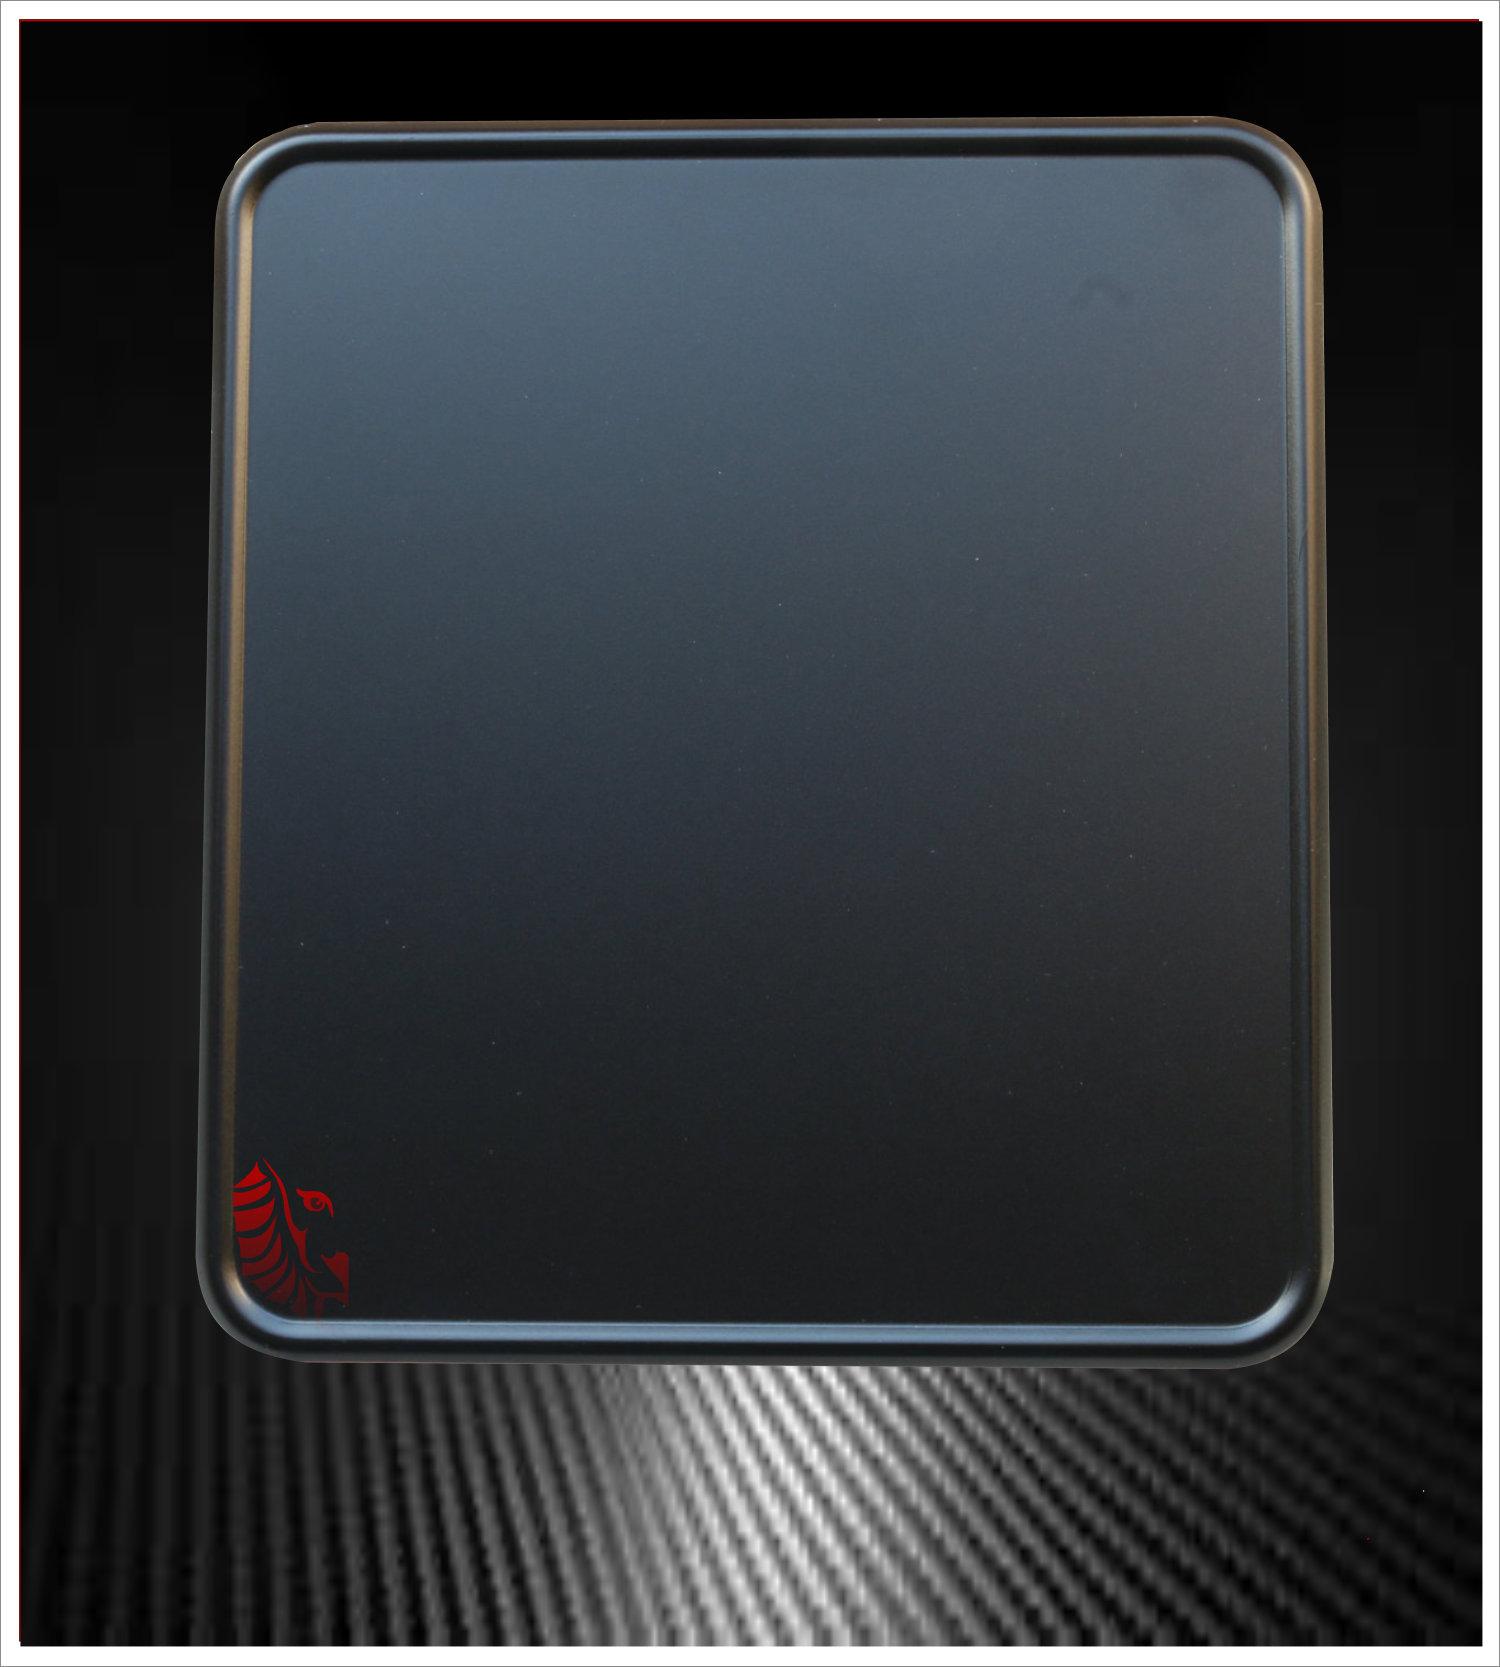 Motorrad Kennzeichenverstärker Black Pearl